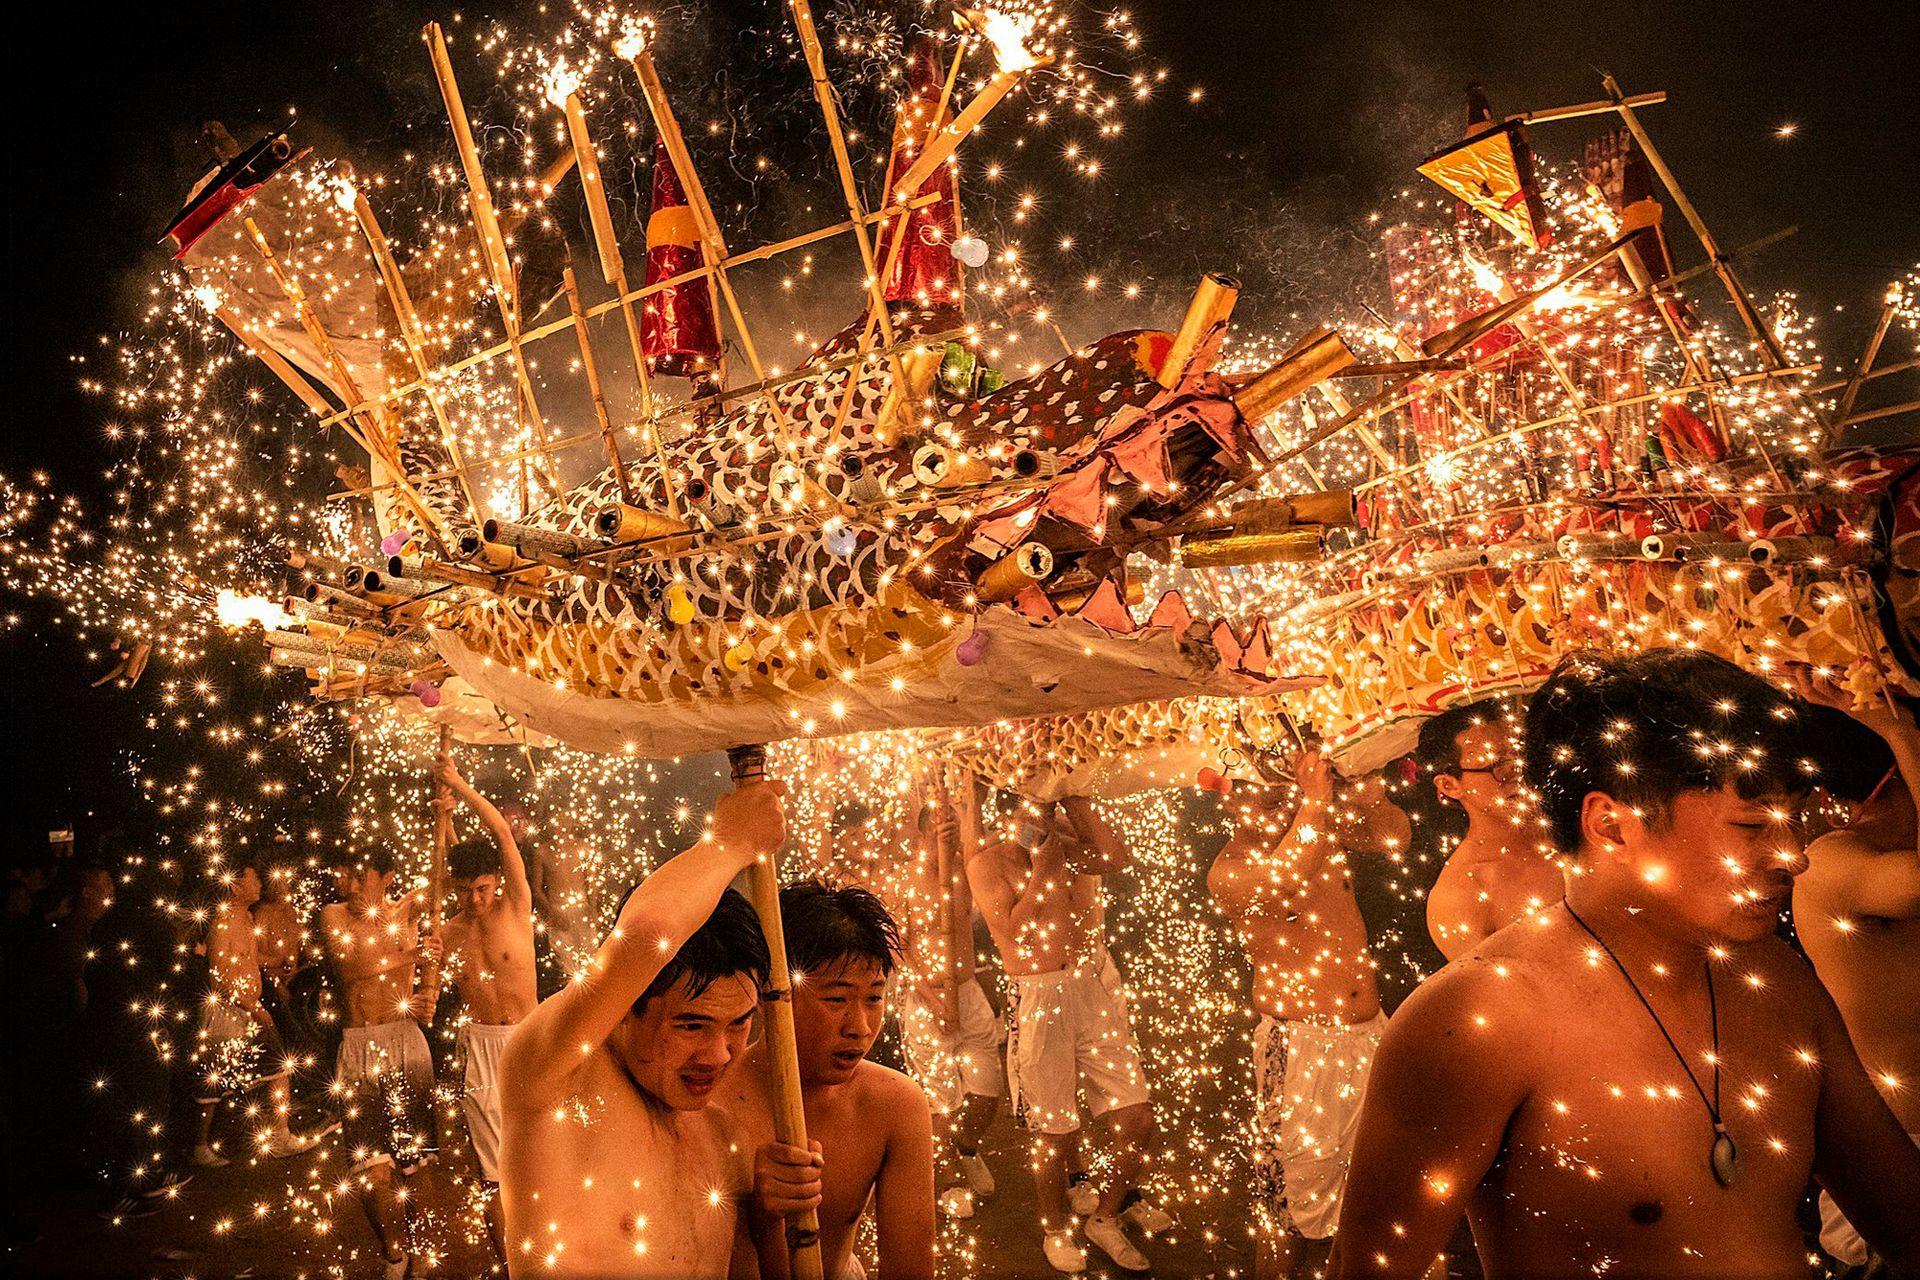 Elección de la gente, Categoría Gente, la imagen es de Léo Kwok, varias personas en Meizhou, China, realiza una danza del dragón de fuego, bañada por chispas de hierro fundido que arrojan fuegos artificiales para celebrar el Festival de los Faroles